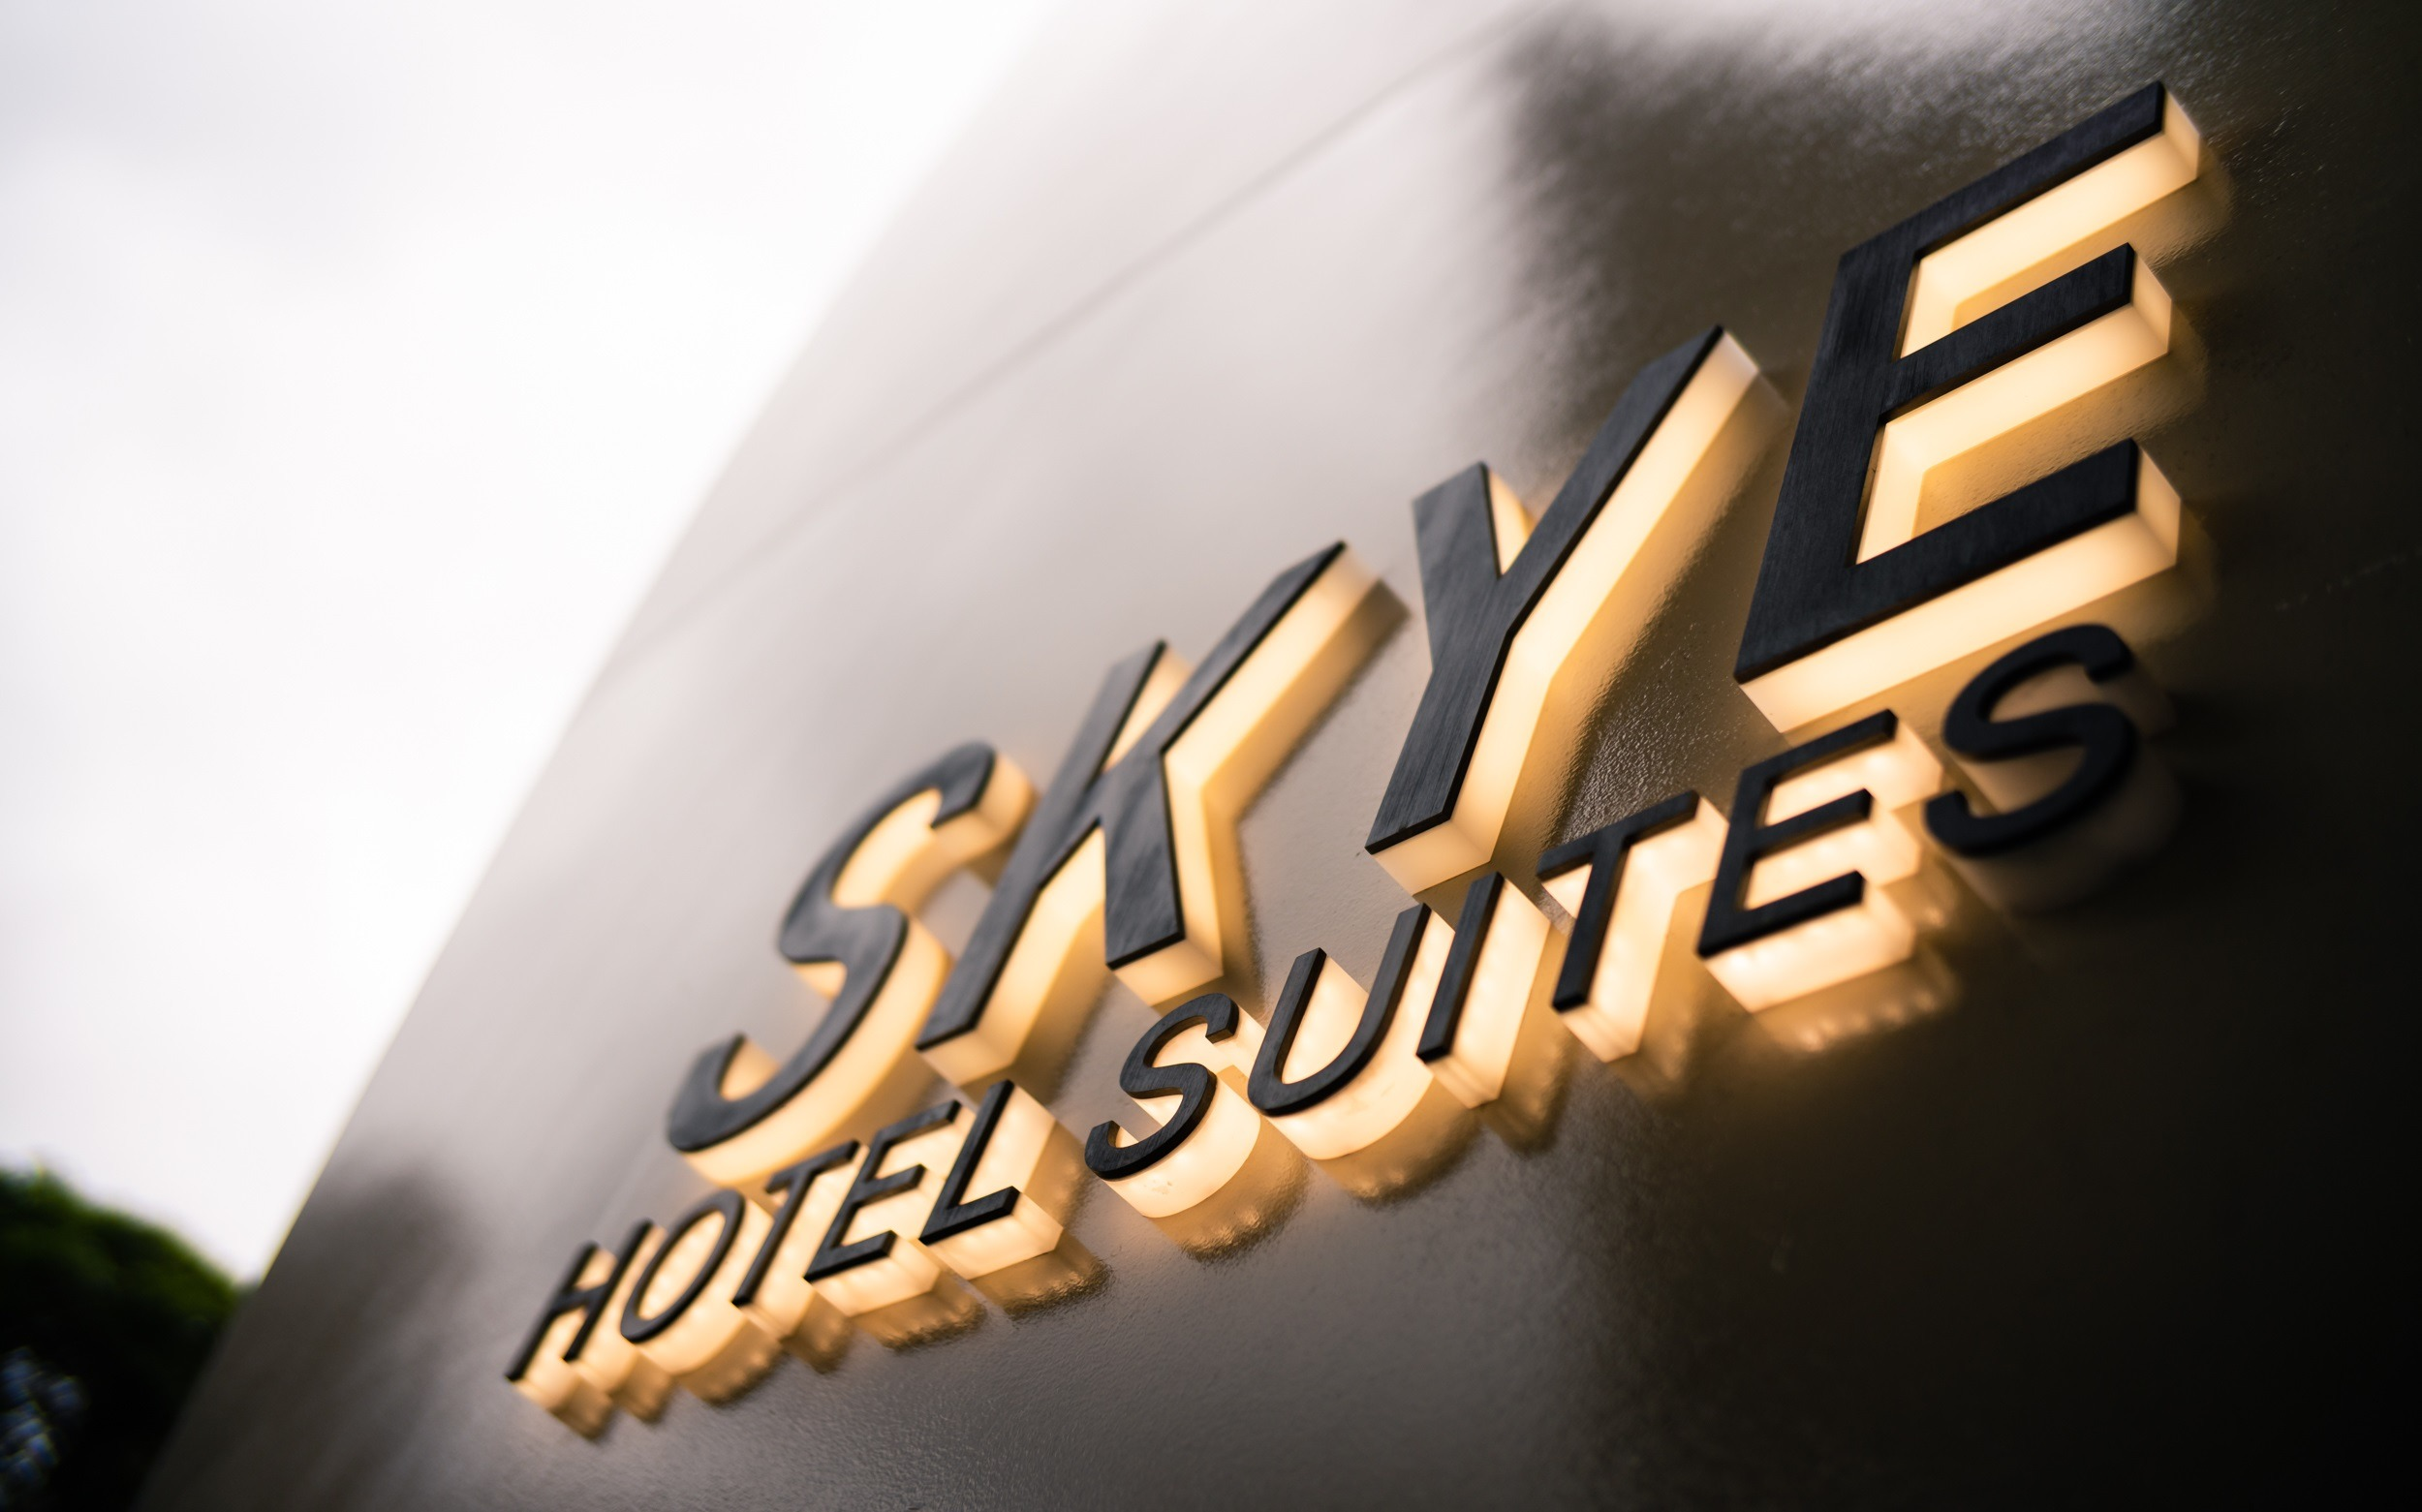 SKYE Suites Parramatta